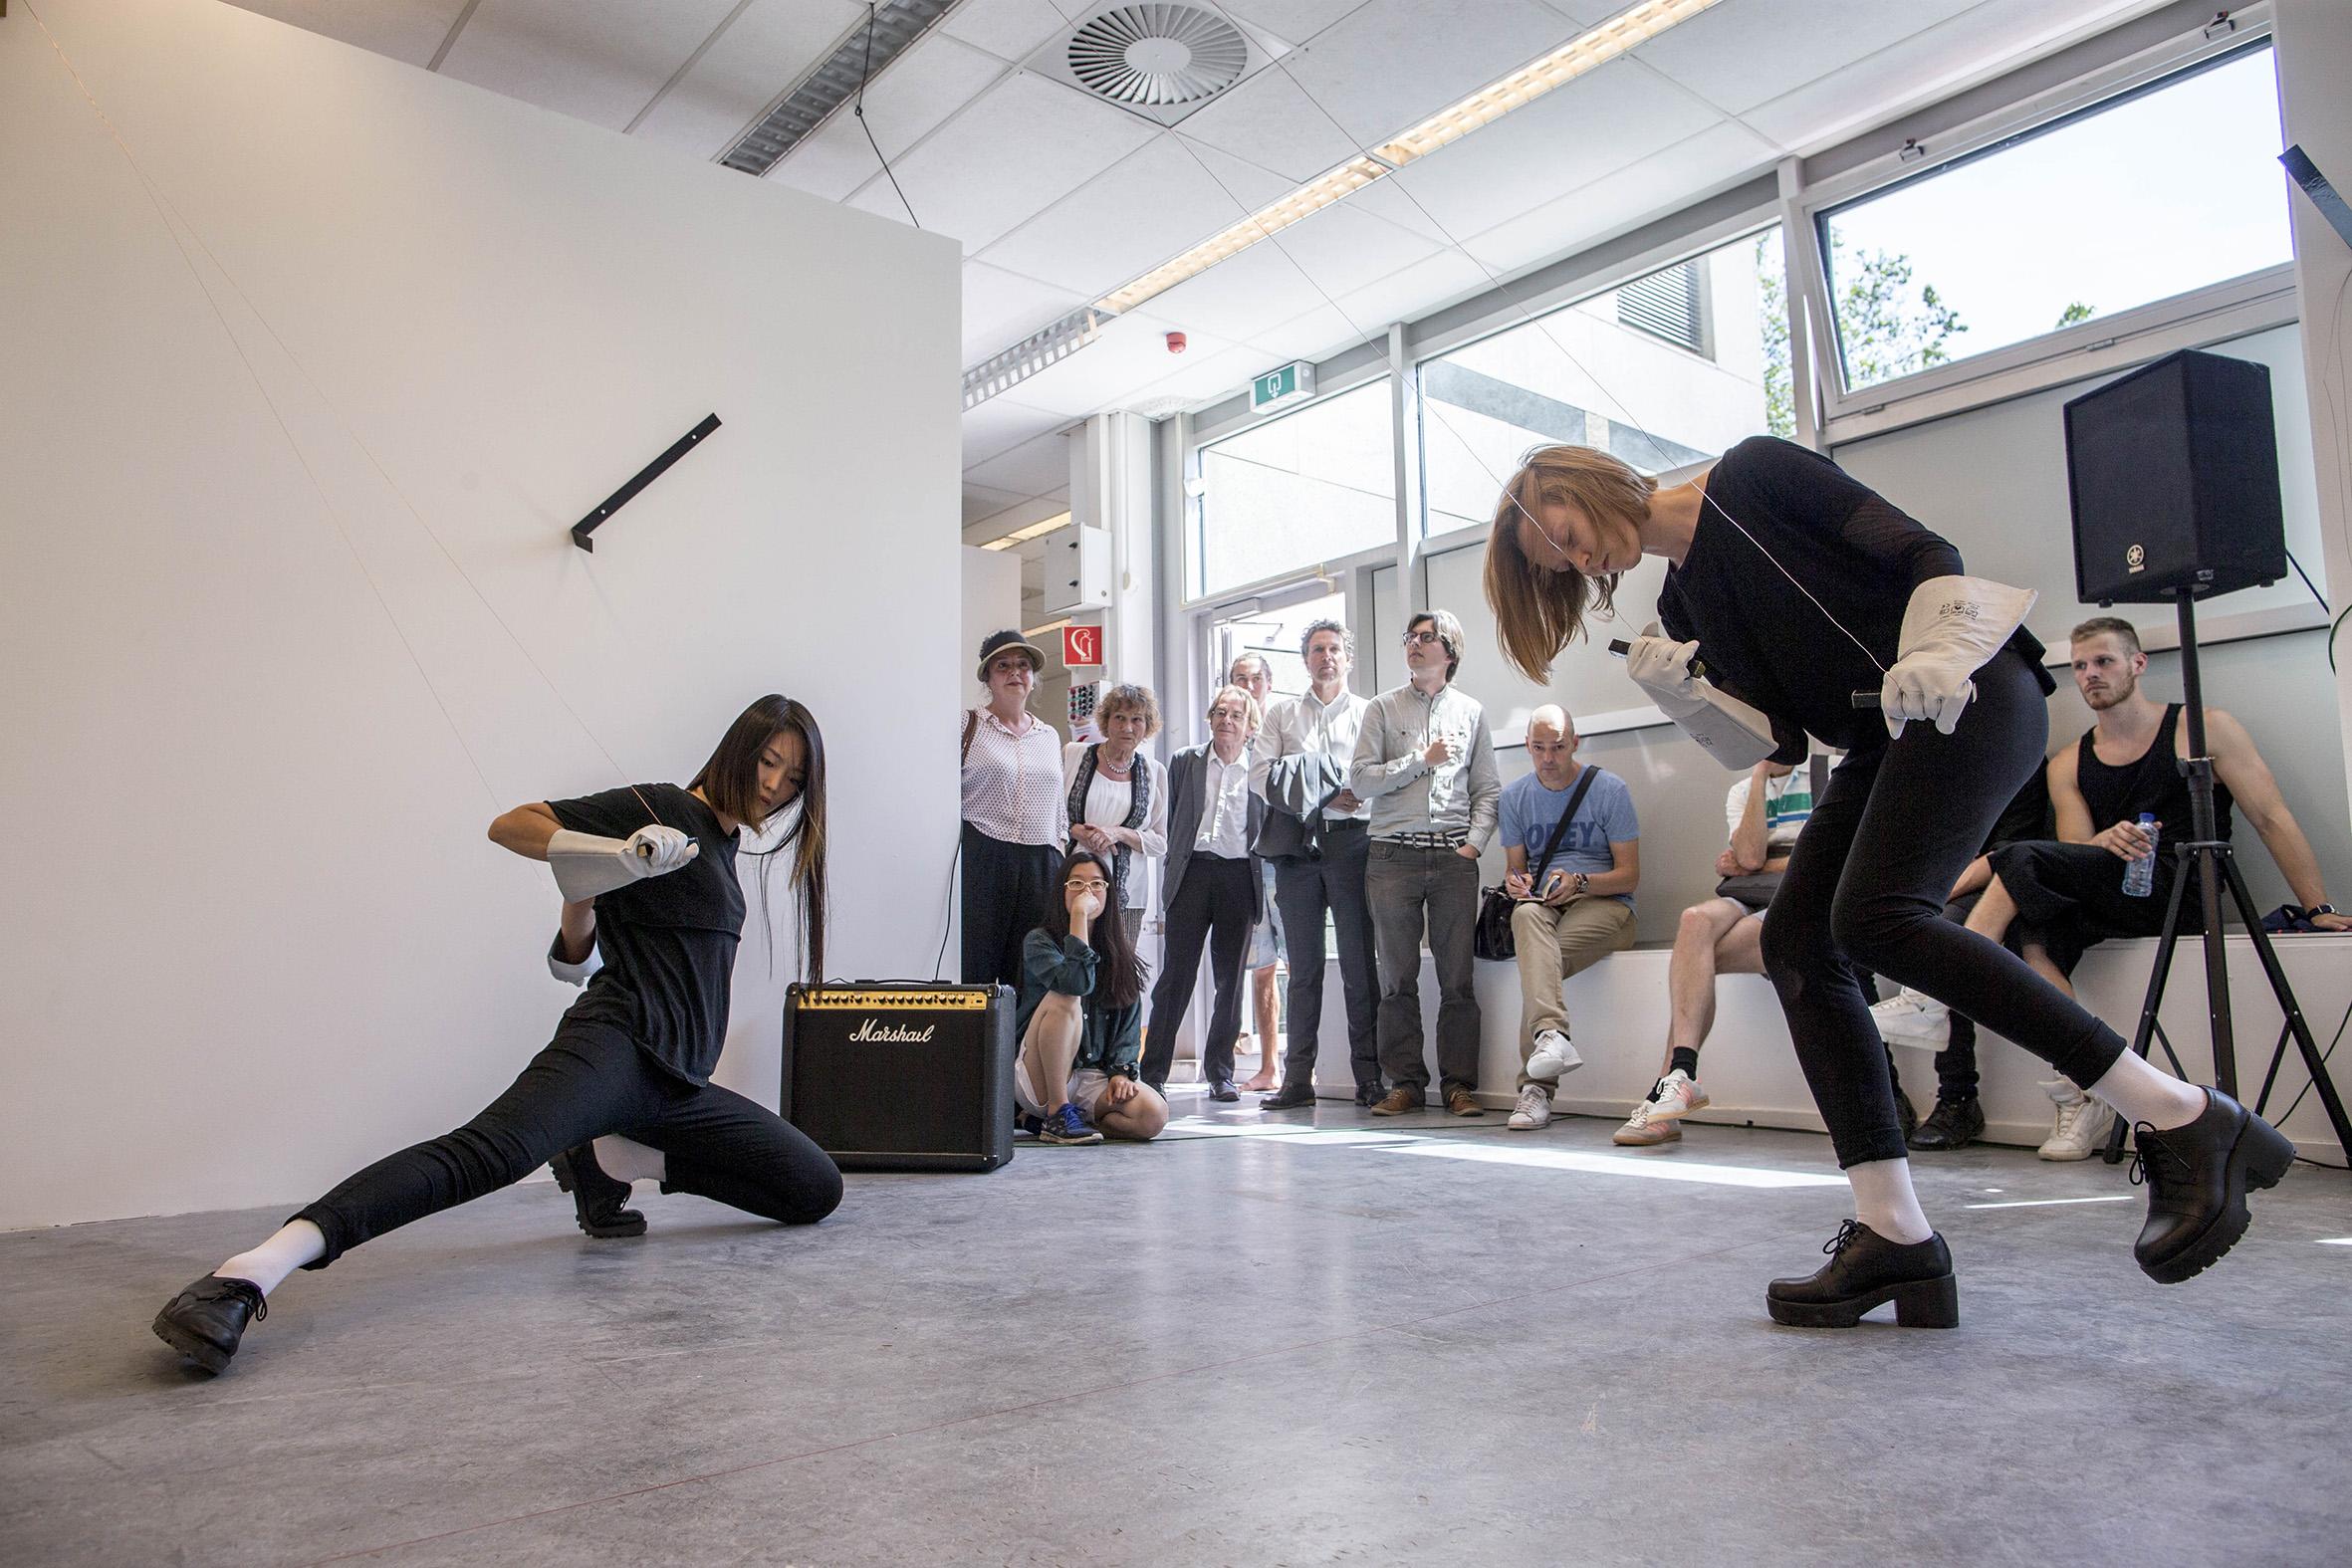 De performance is alomtegenwoordig op de Rietveld Academie